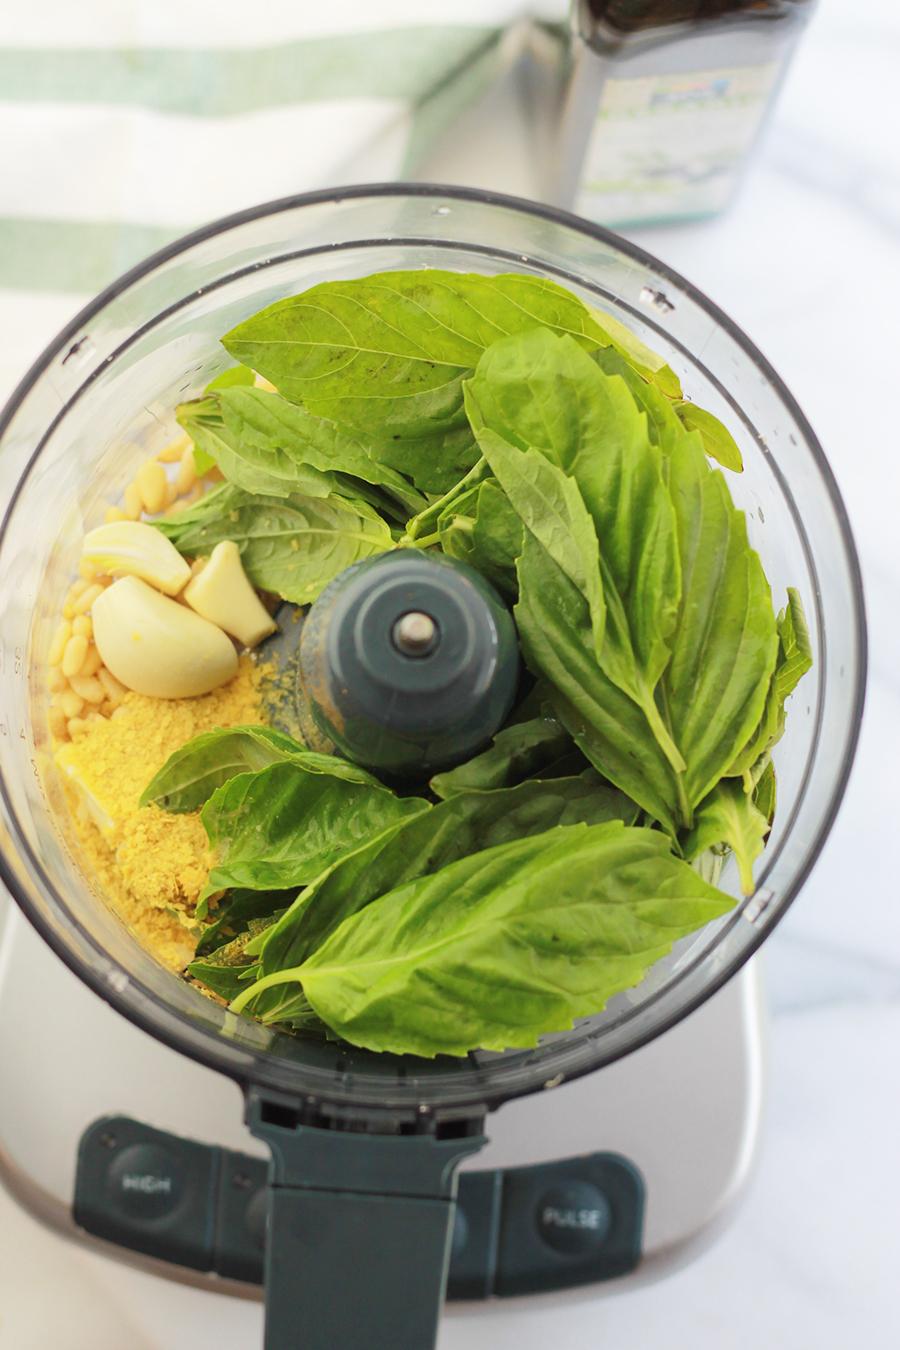 Vegan pesto ingredients in food processor.